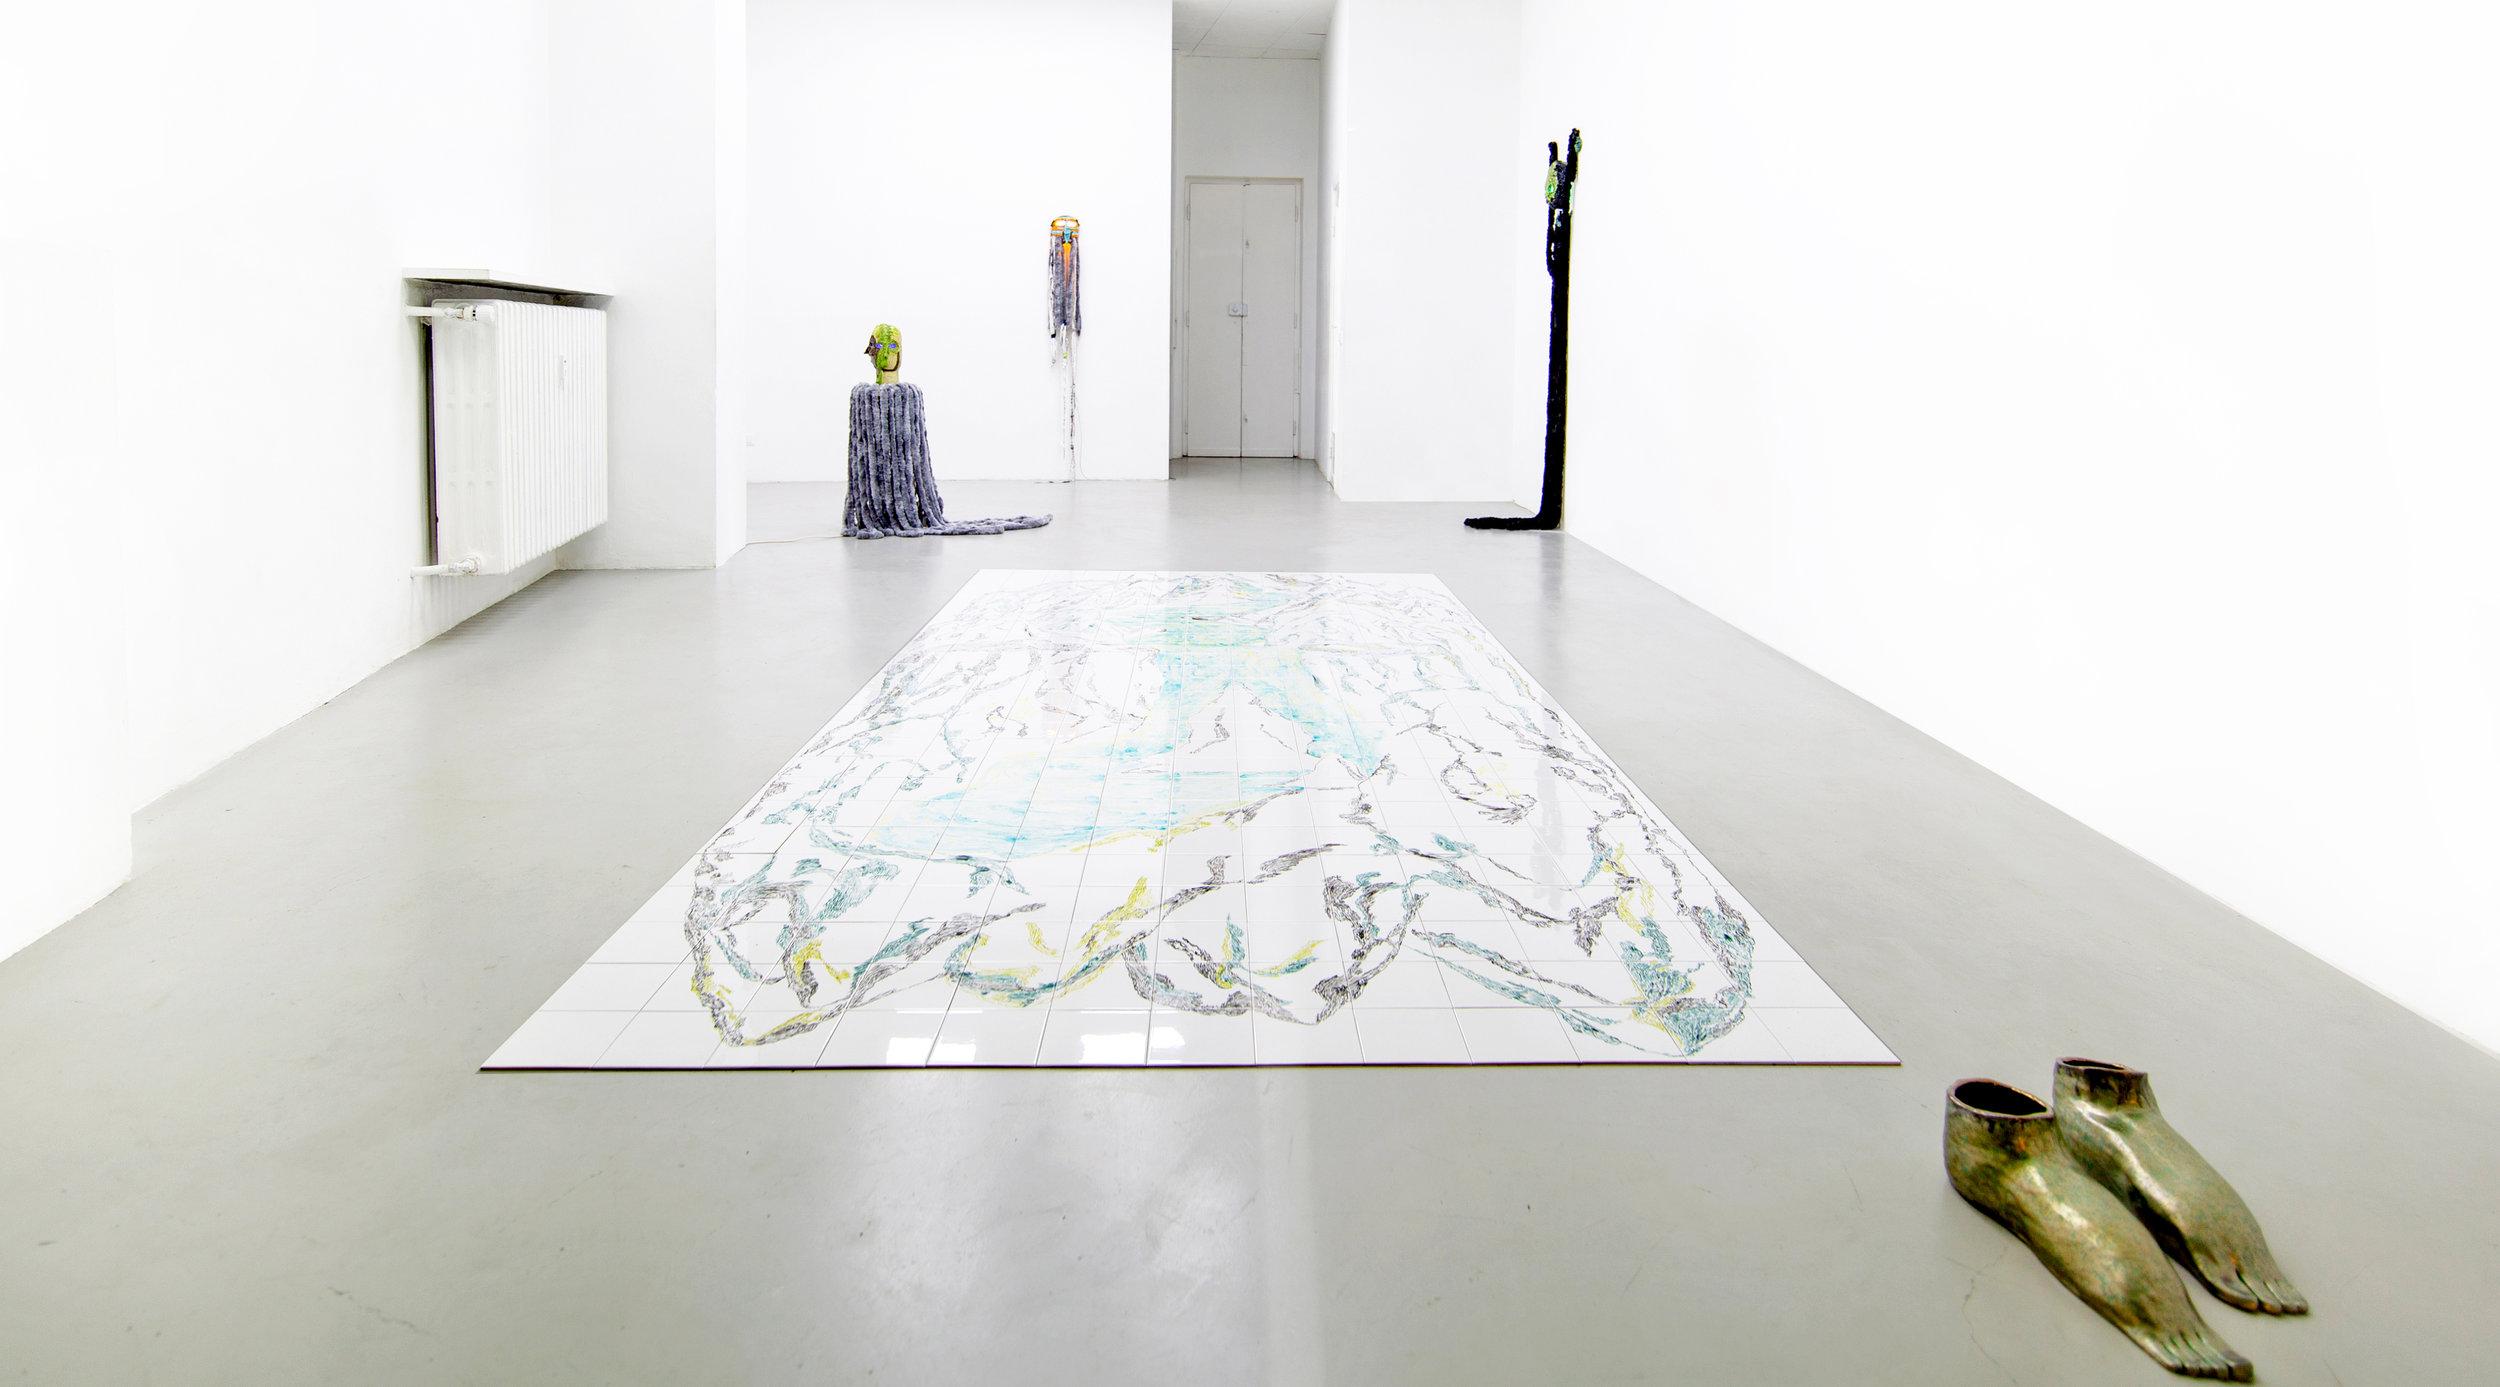 2 Giusy Pirrotta TAIXUNIA exhibition view, Dimora Artica.jpg